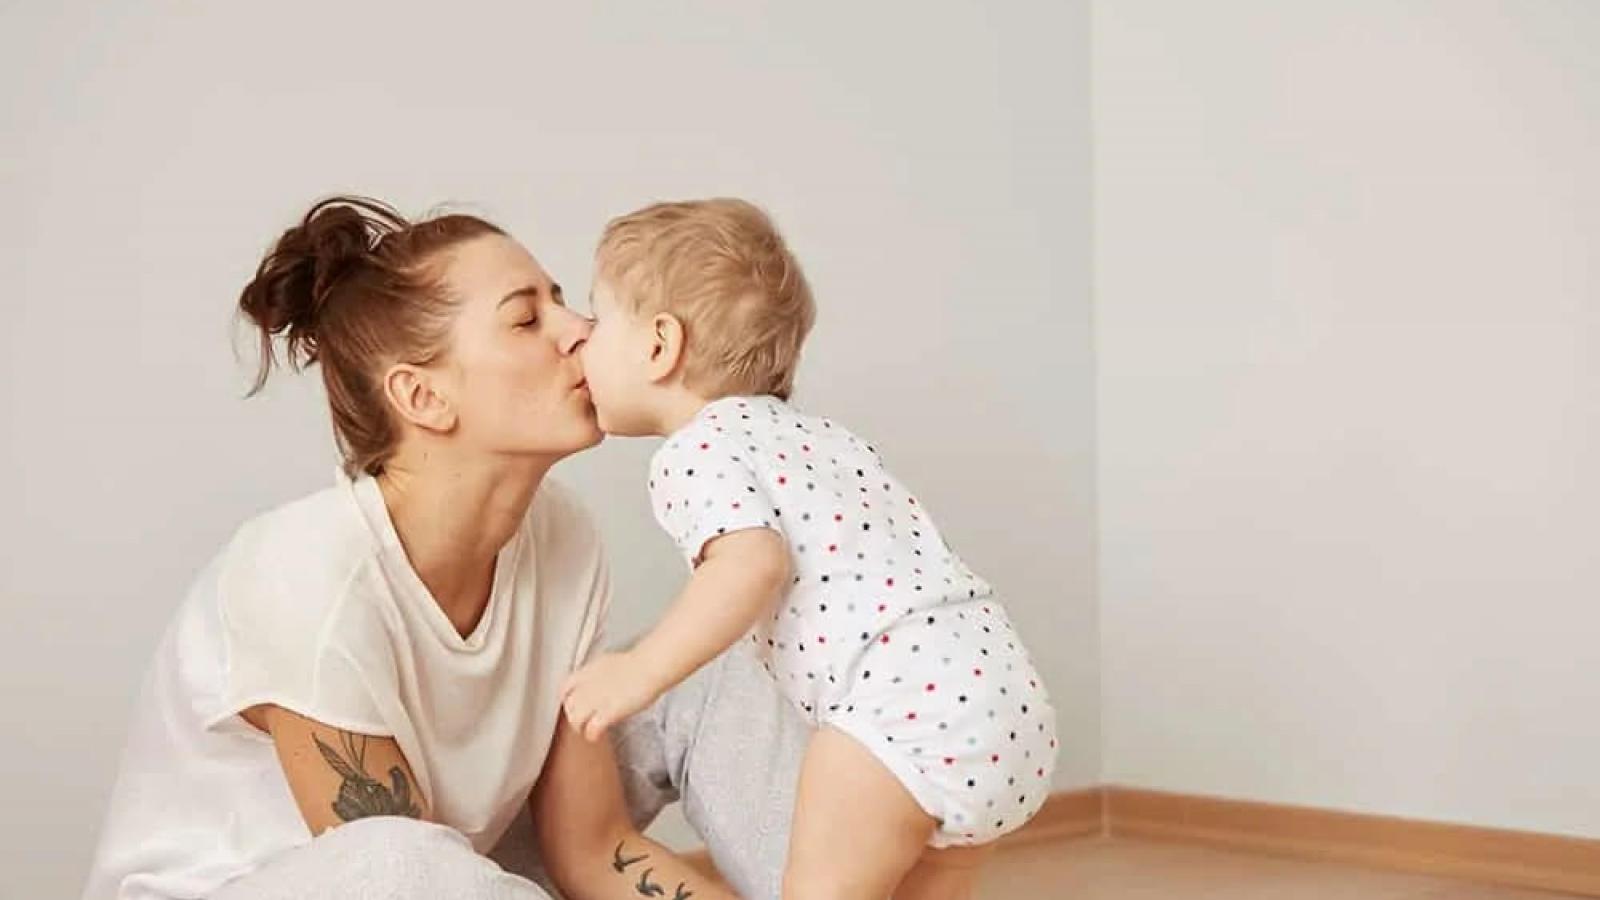 Tham khảo một số thói quen tốt để nuôi dạy con trẻ